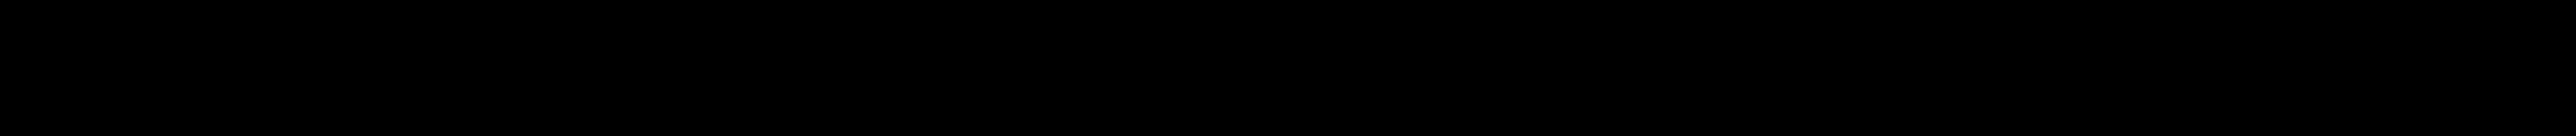 The MXCSR register